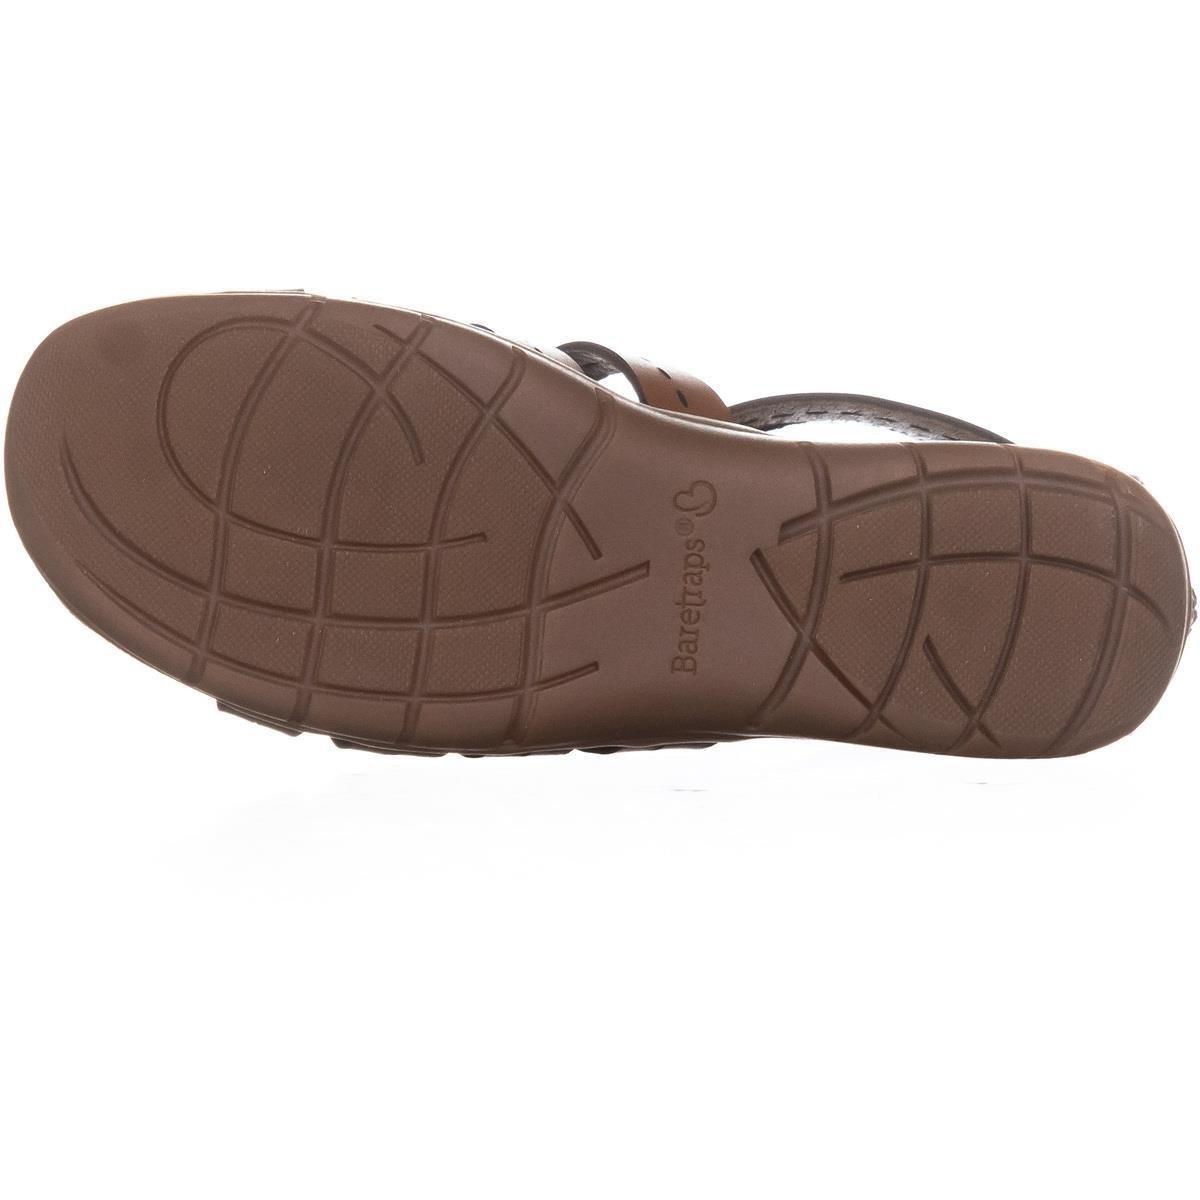 da9b8857925 Bare Traps Womens Kaiser Open Toe Casual Strappy Sandals